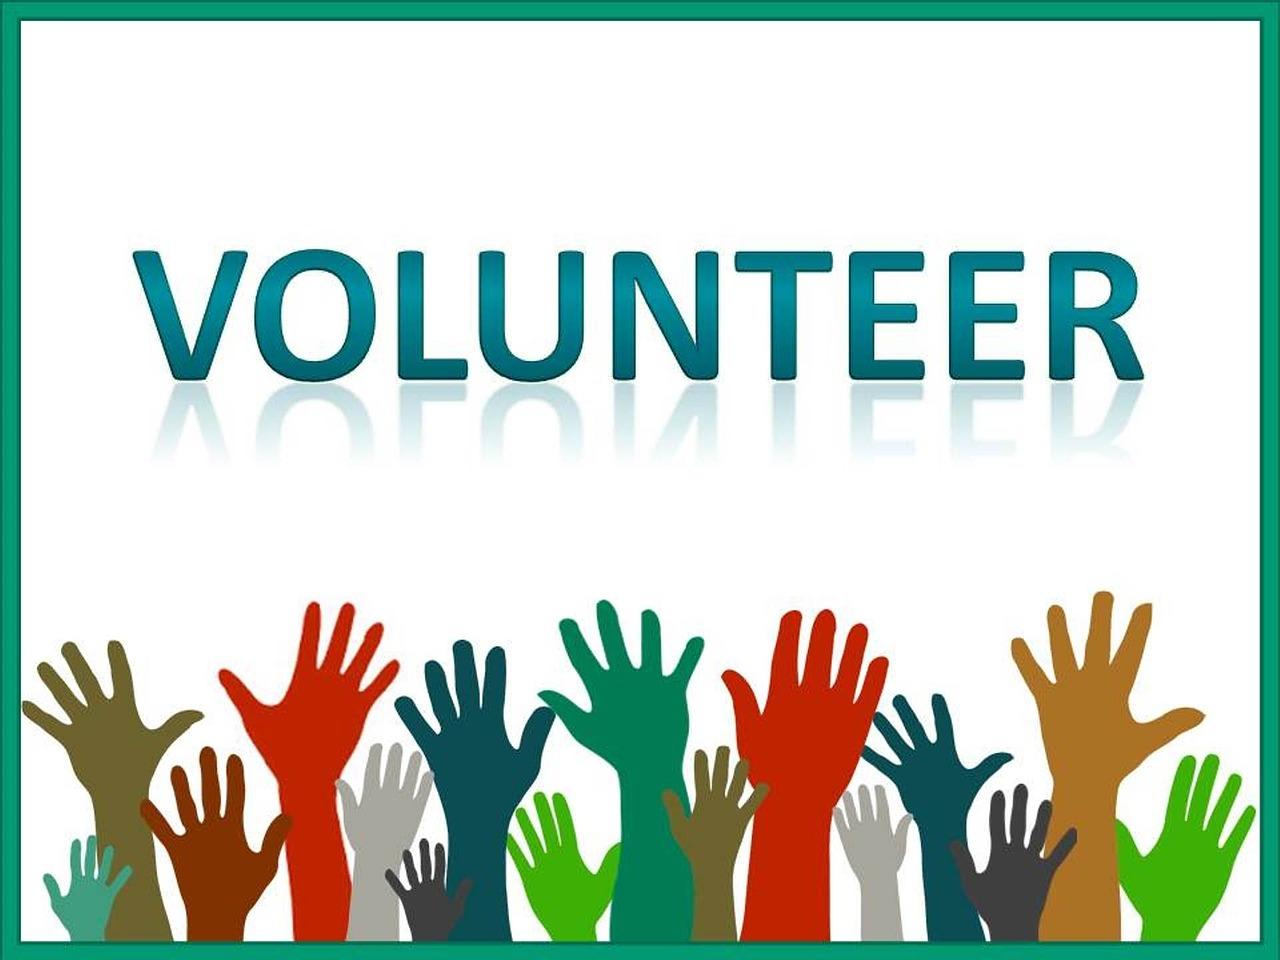 volunteer, volunteerism, volunteering